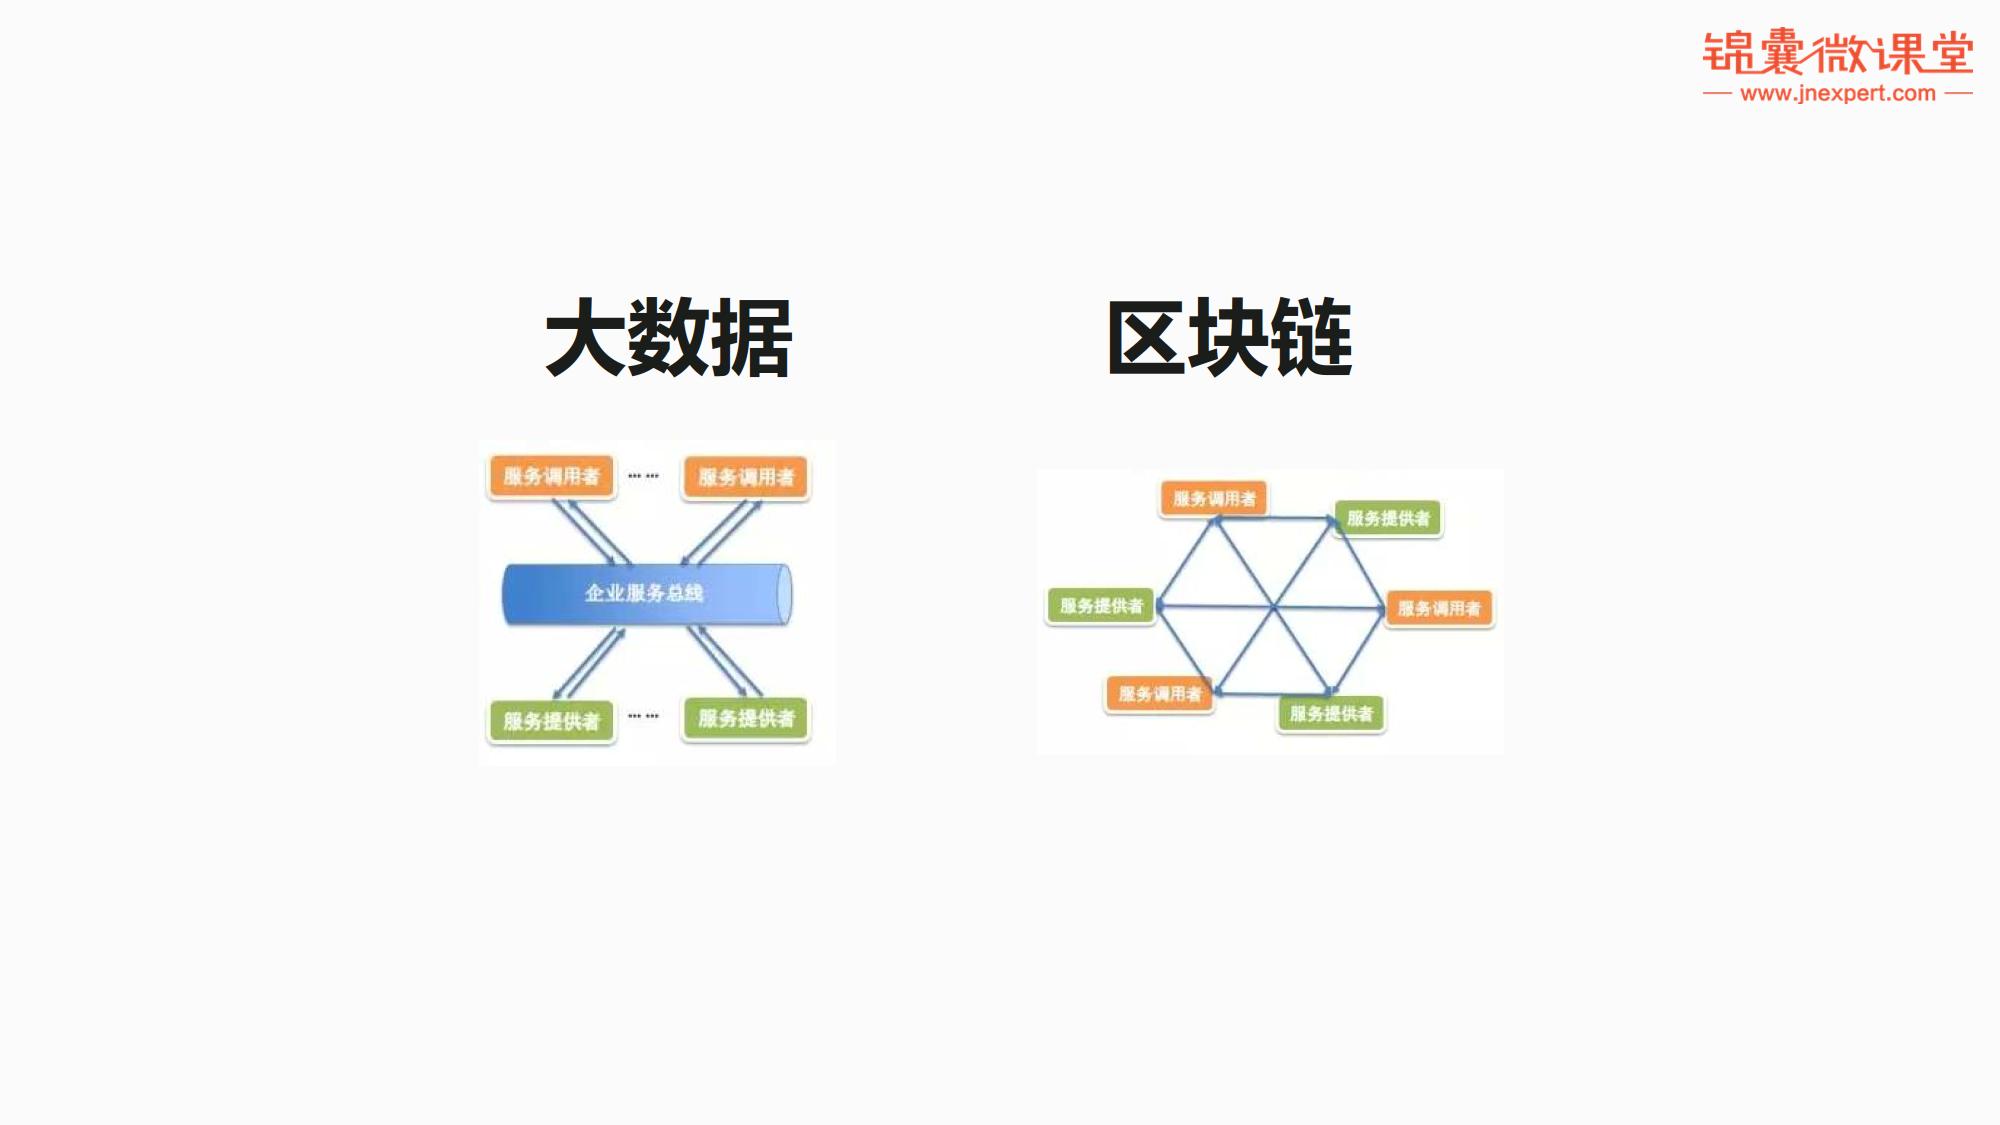 区块链+大数据——开启智能经济新时代